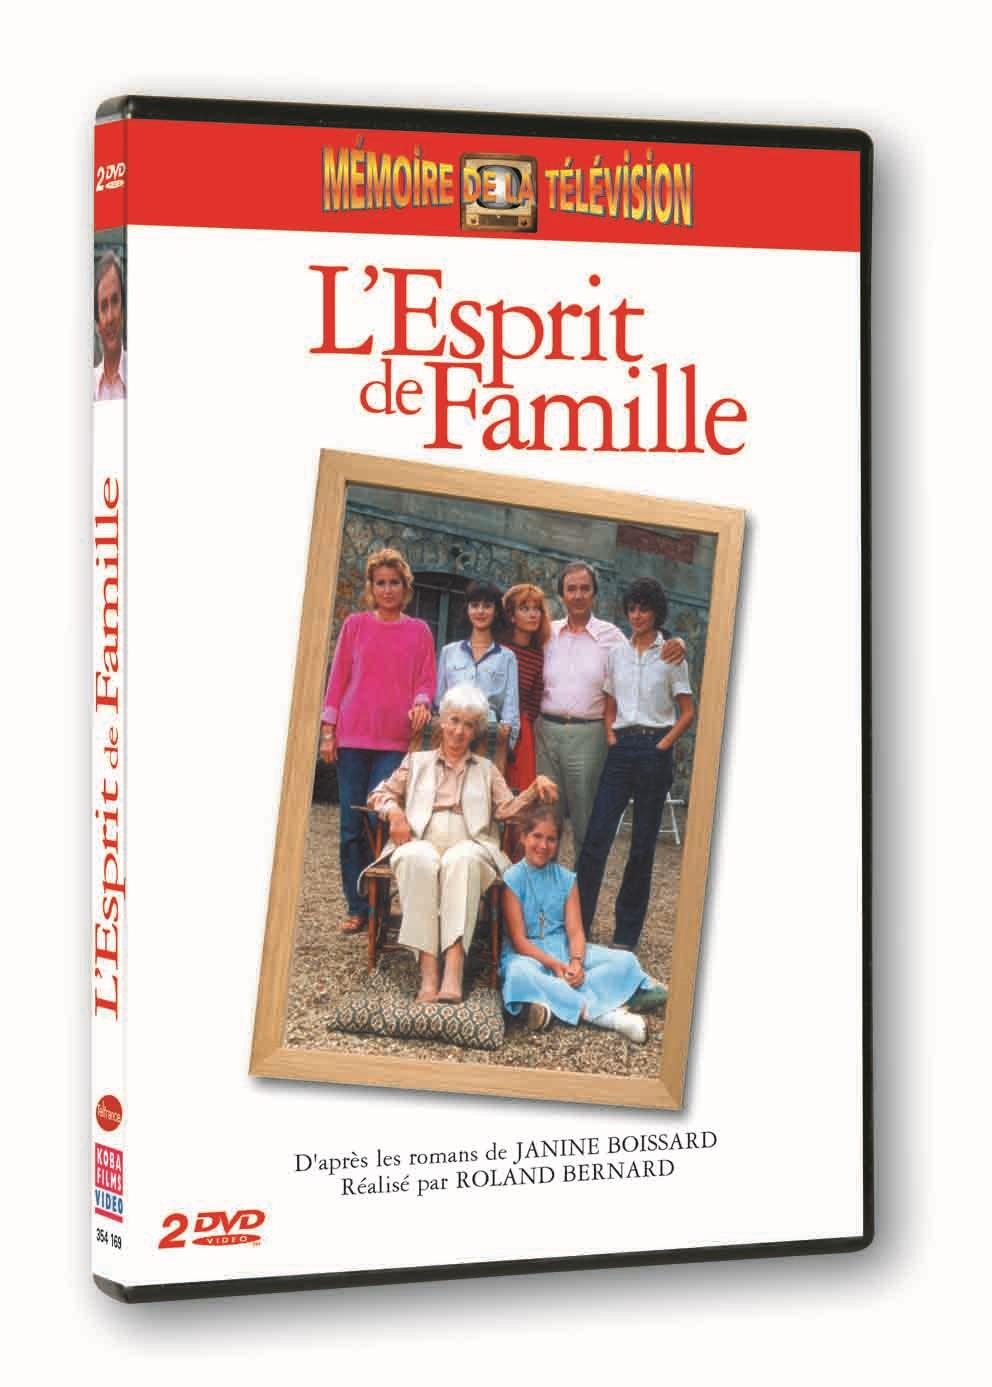 ESPRIT DE FAMILLE (L)